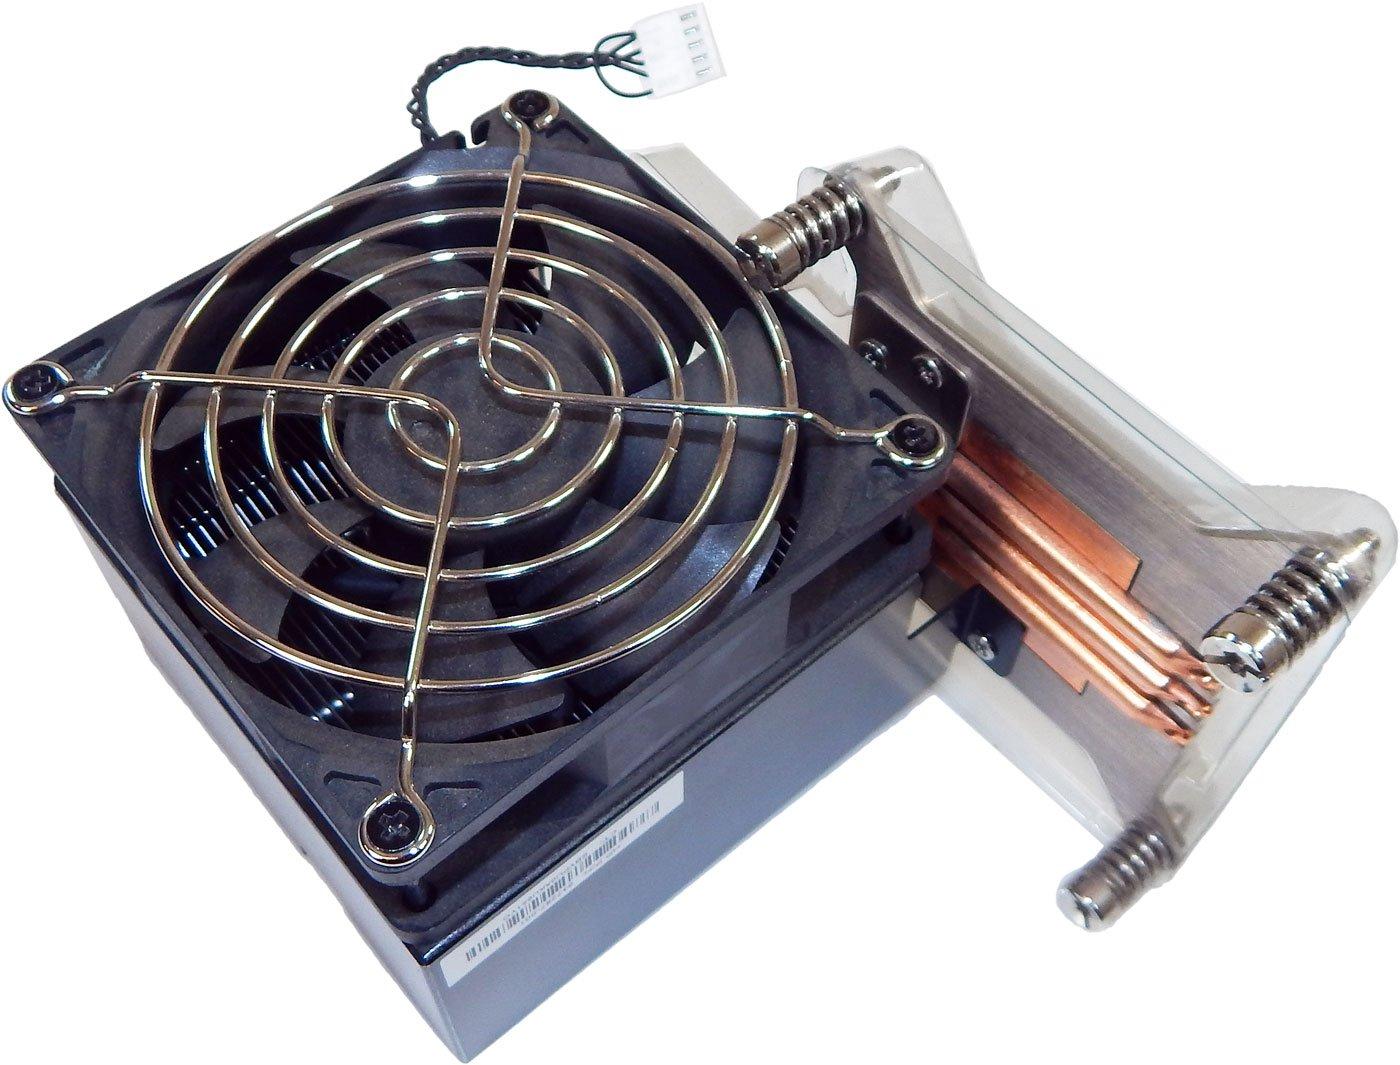 HP Z420 Z620 CPU Heatsink and Fan 647287-001